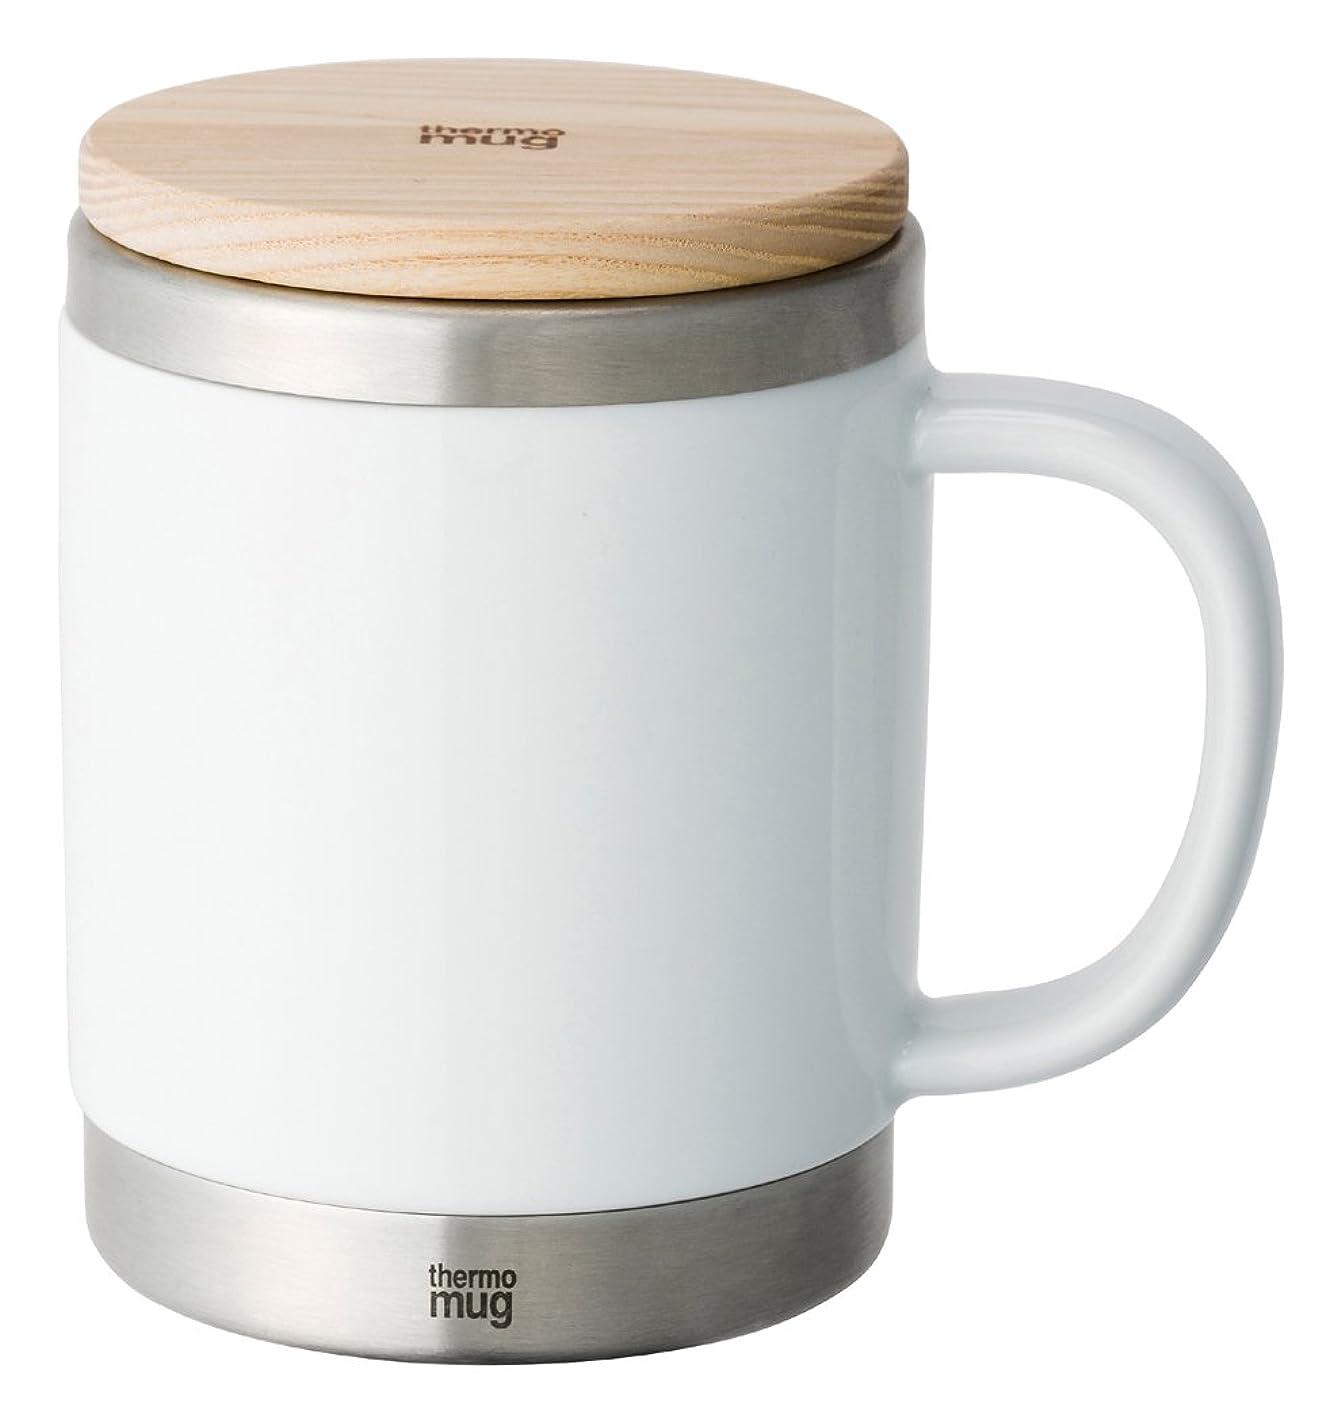 霜物理悩みthermo mug(サーモマグ) セラミックマグ